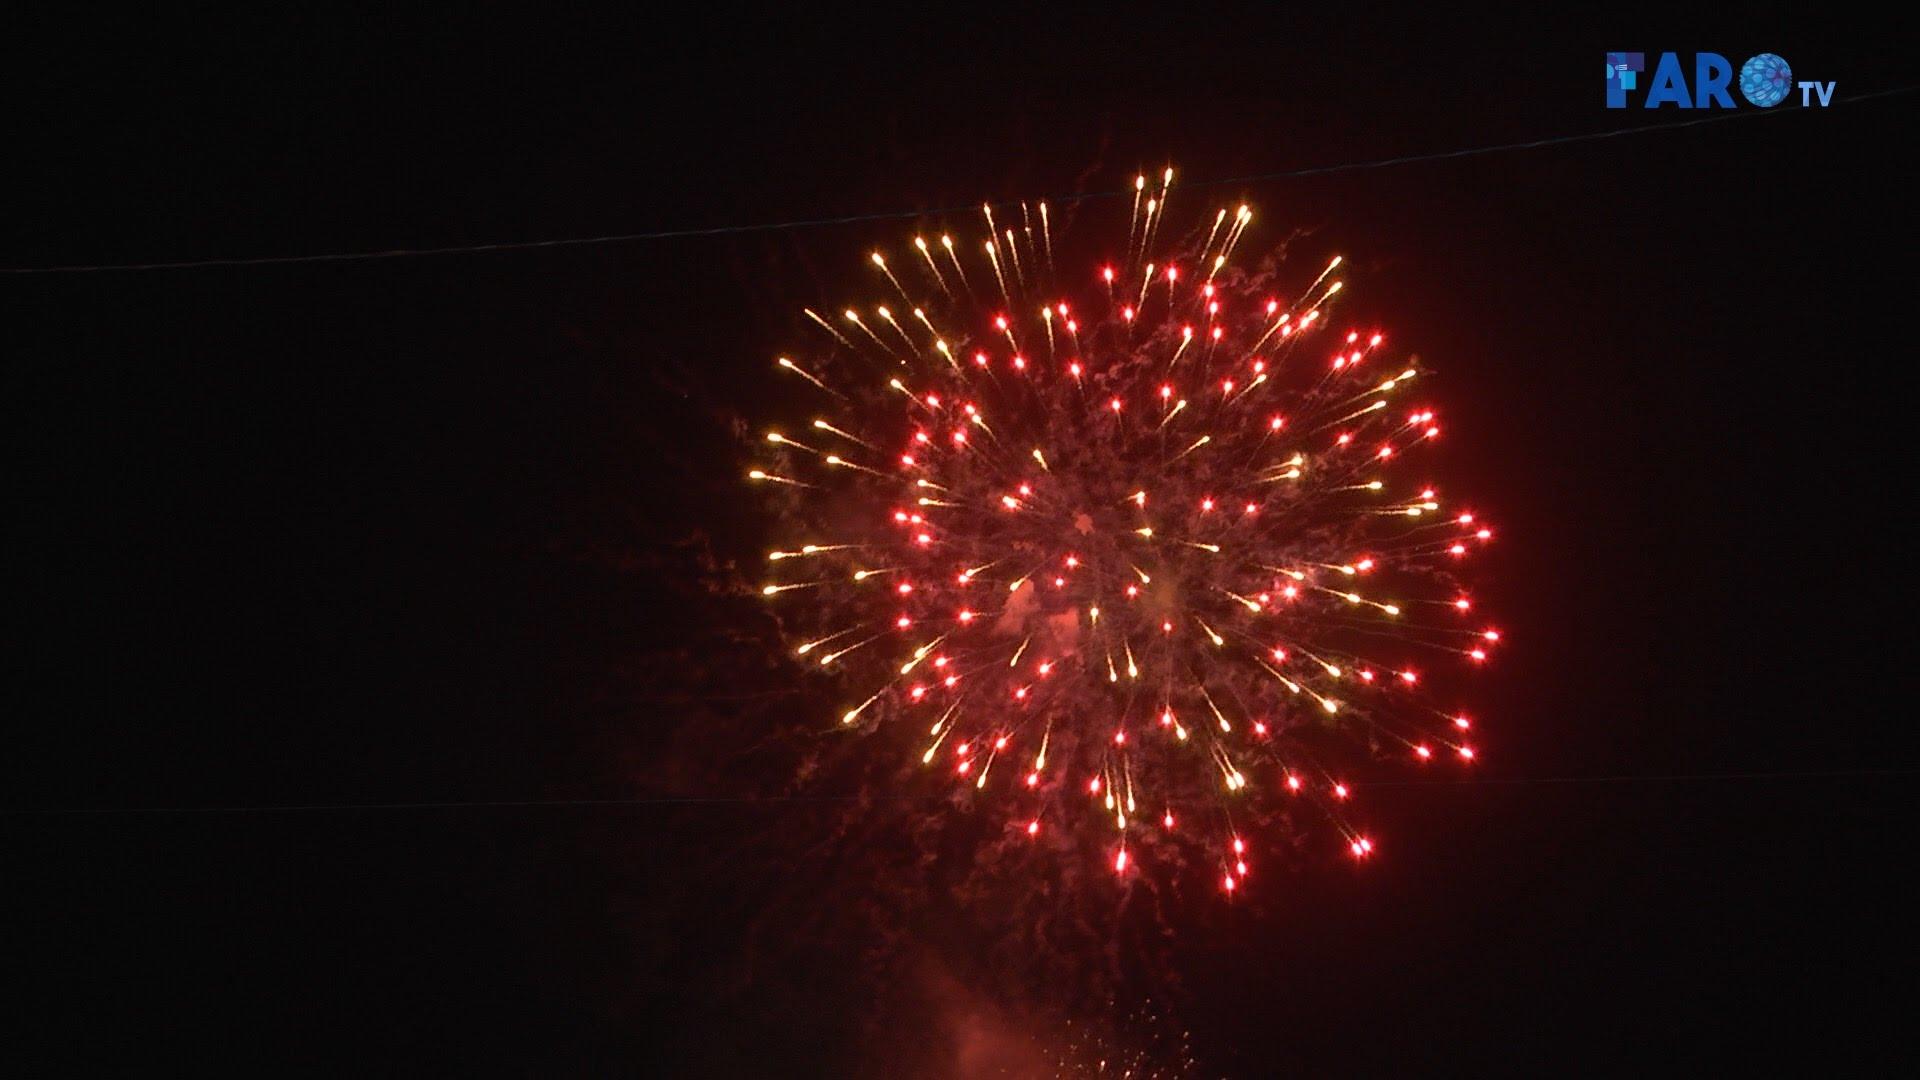 El gran espectáculo de fuegos artificiales cierra la Feria